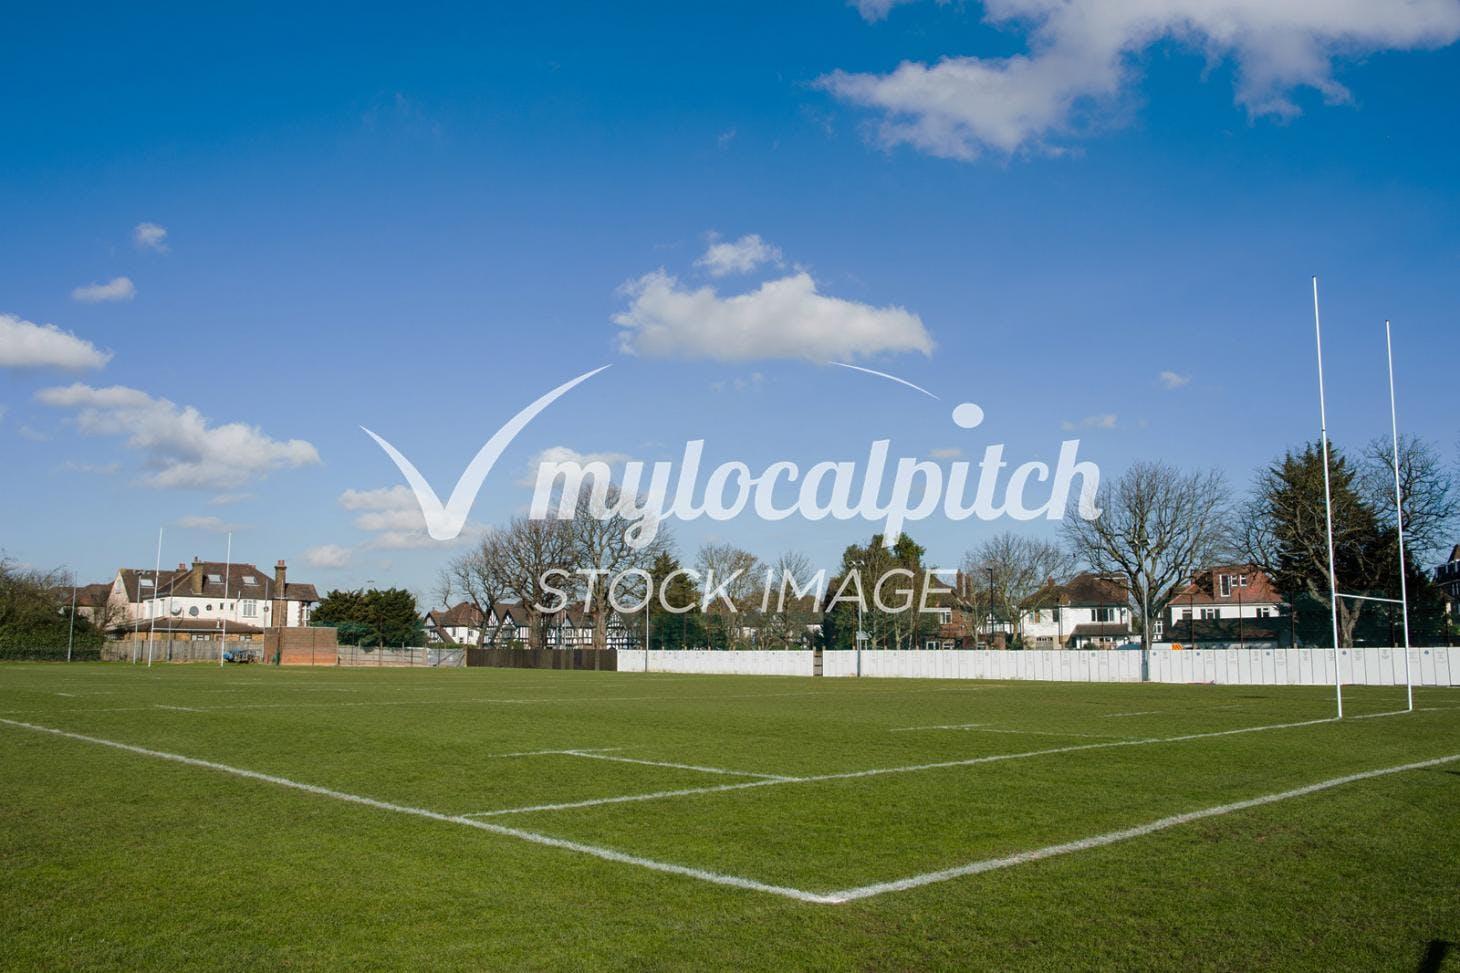 Watford Grammar School for Boys Union   Grass rugby pitch